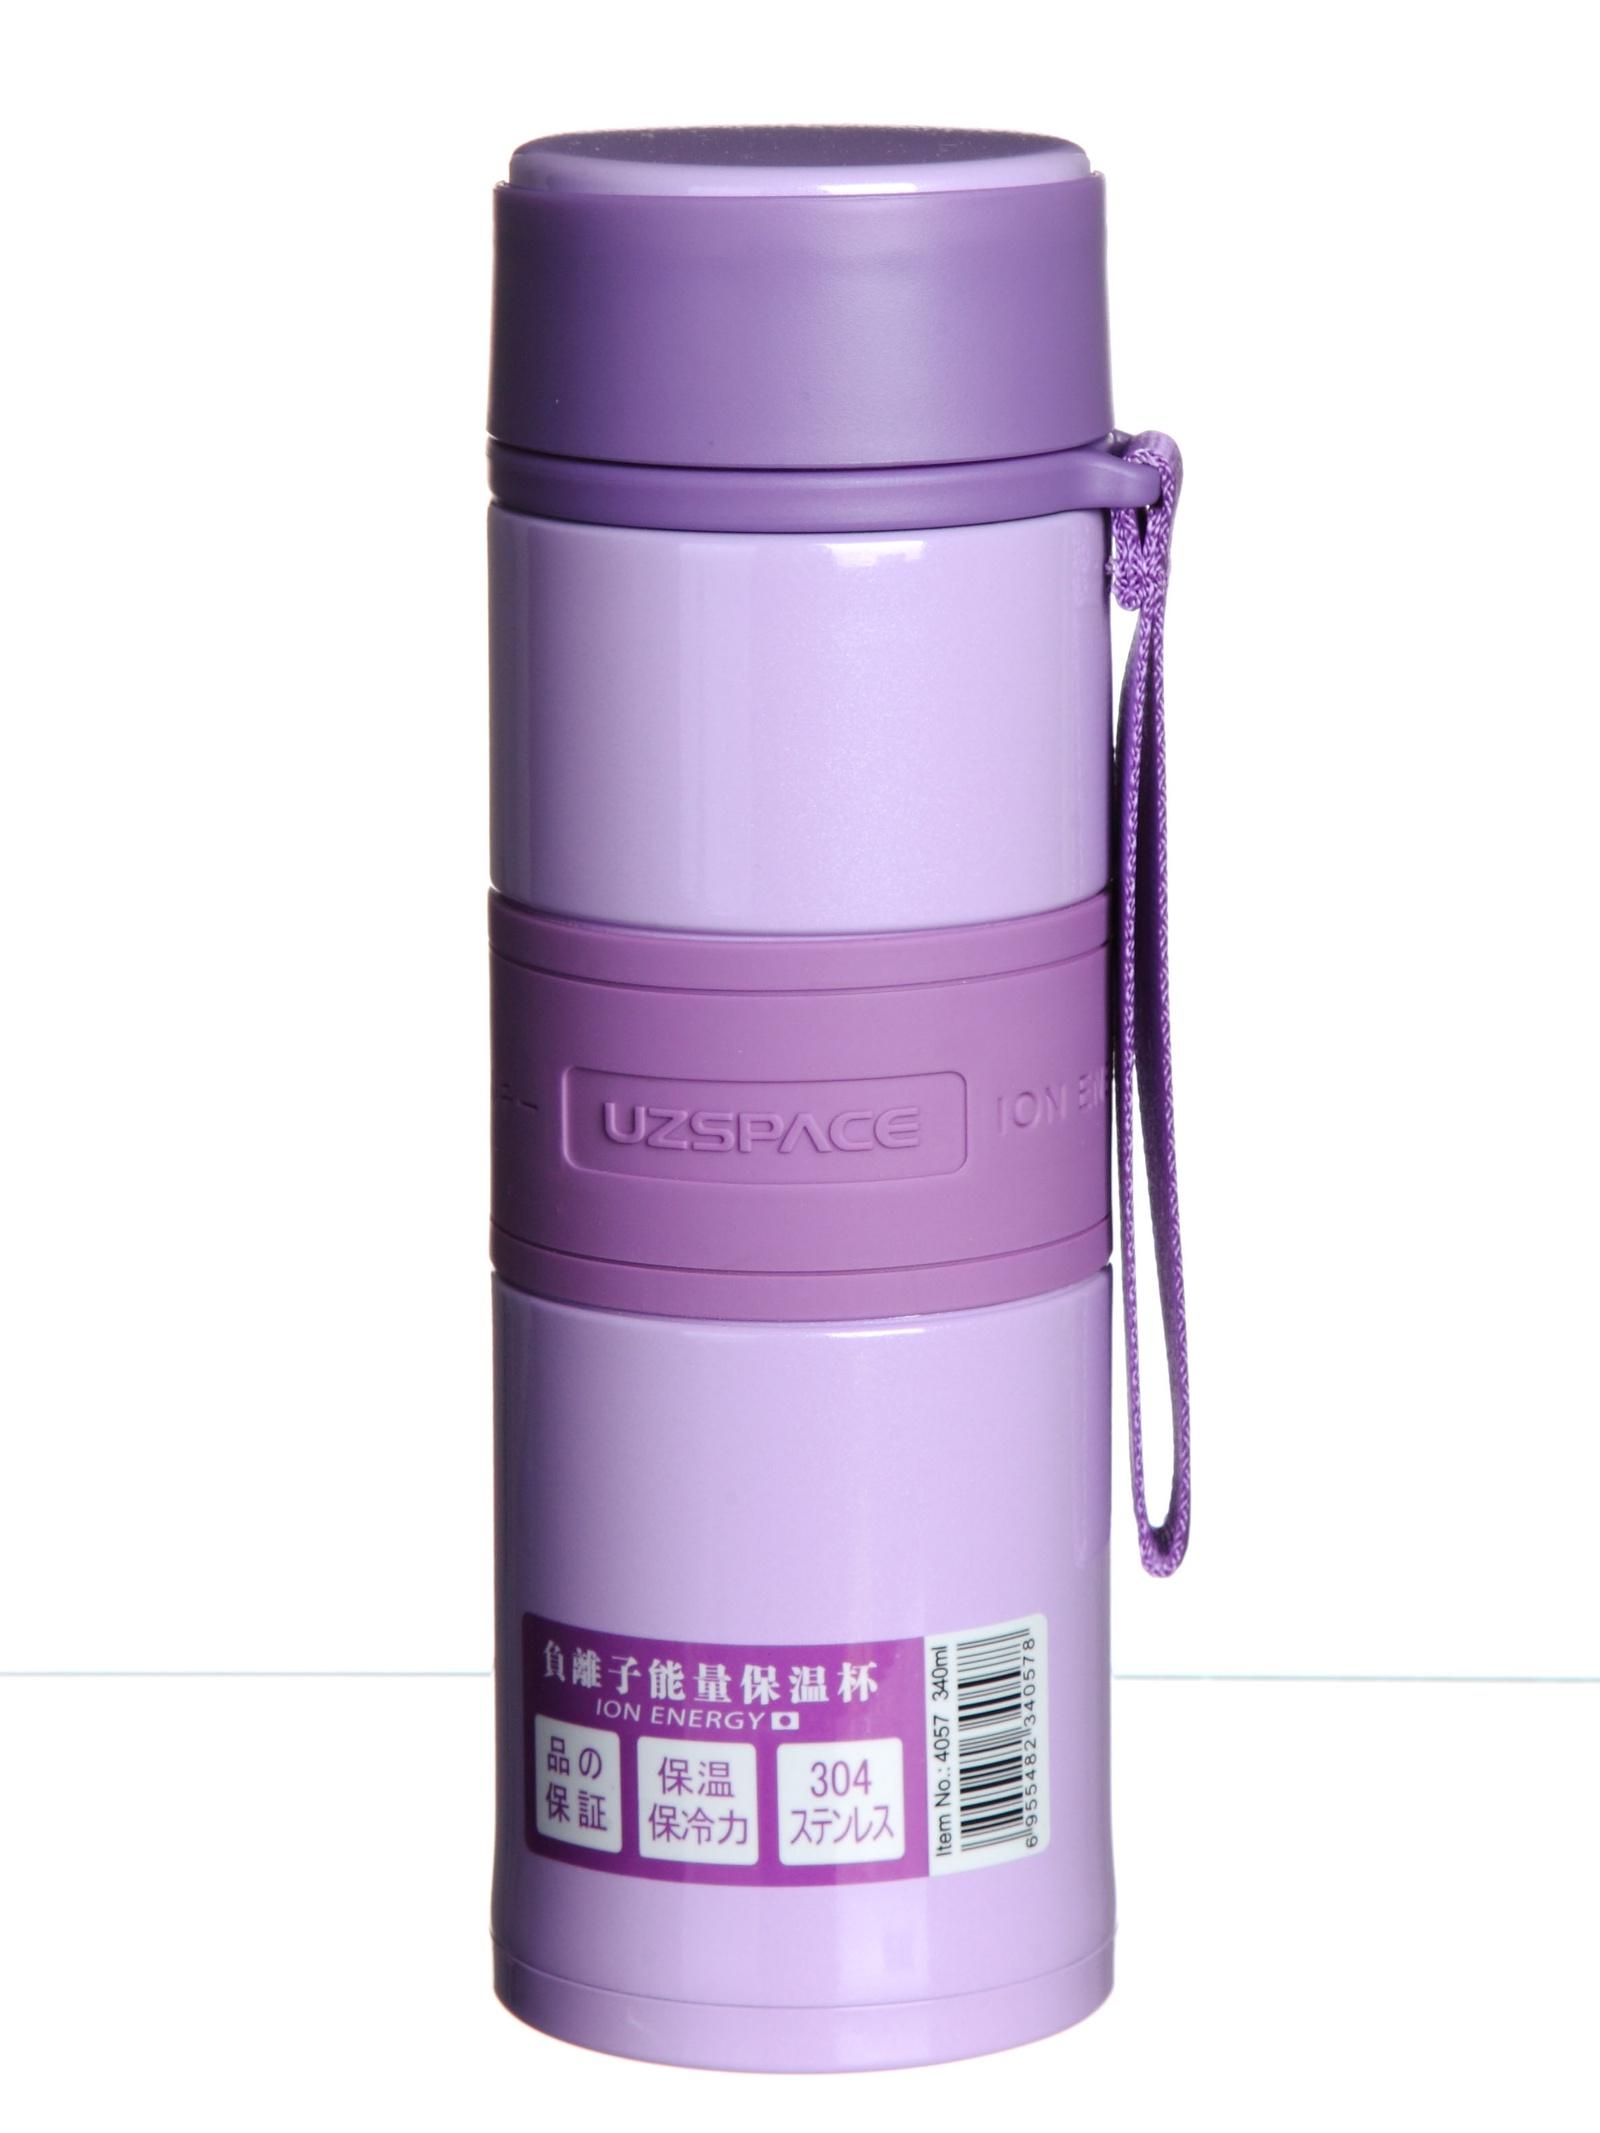 Термос Uzspace, 4057, фиолетовый, 340 мл